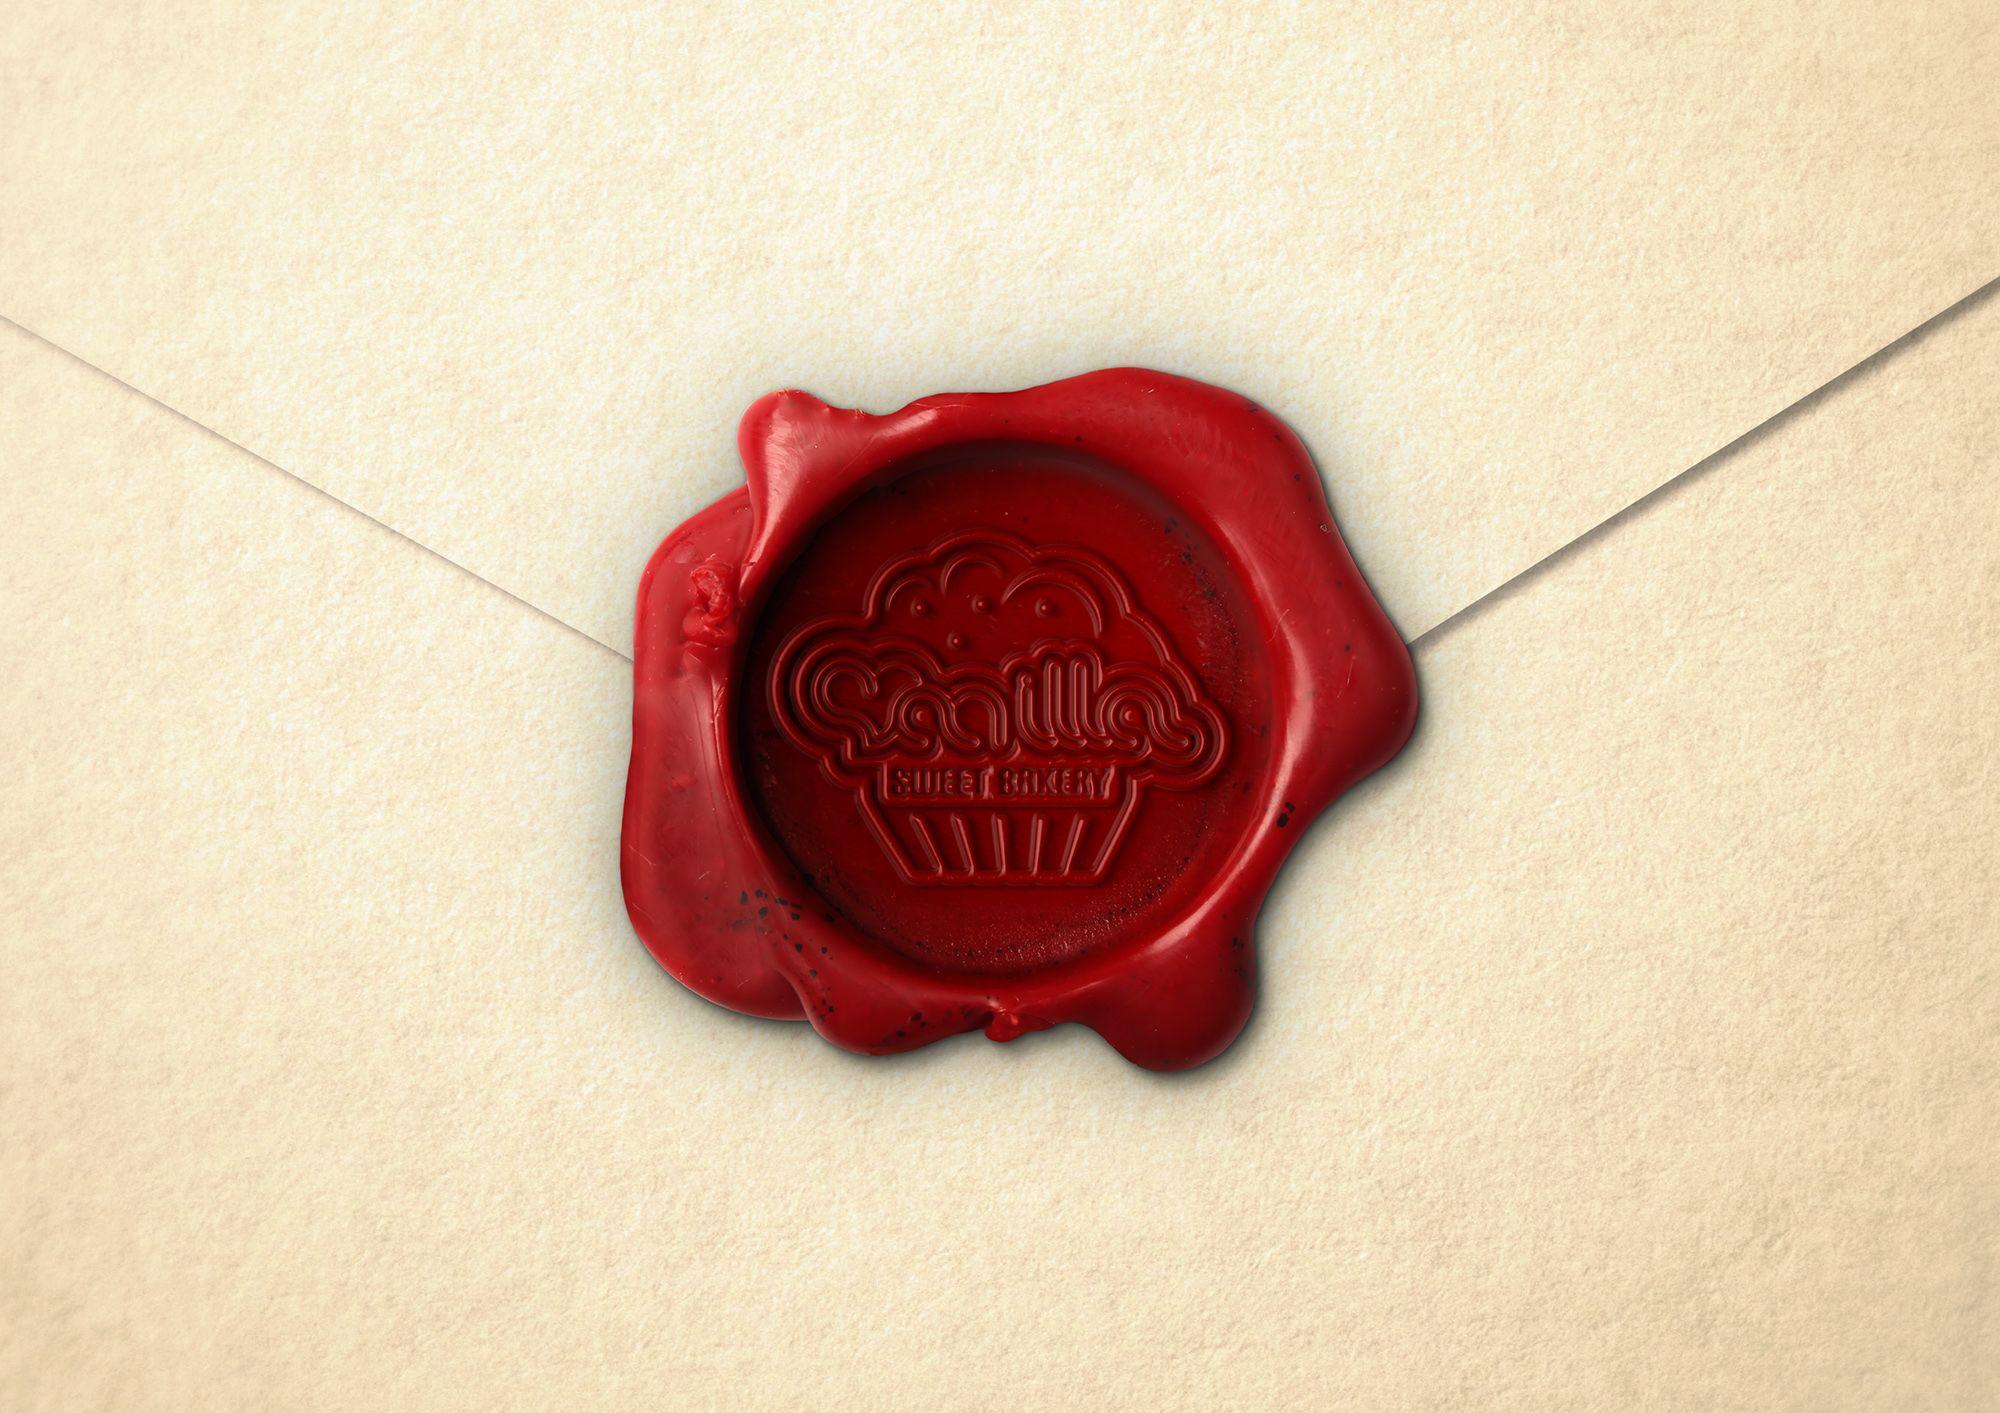 Логотип для домашней кондитерской - дизайнер ashcom007